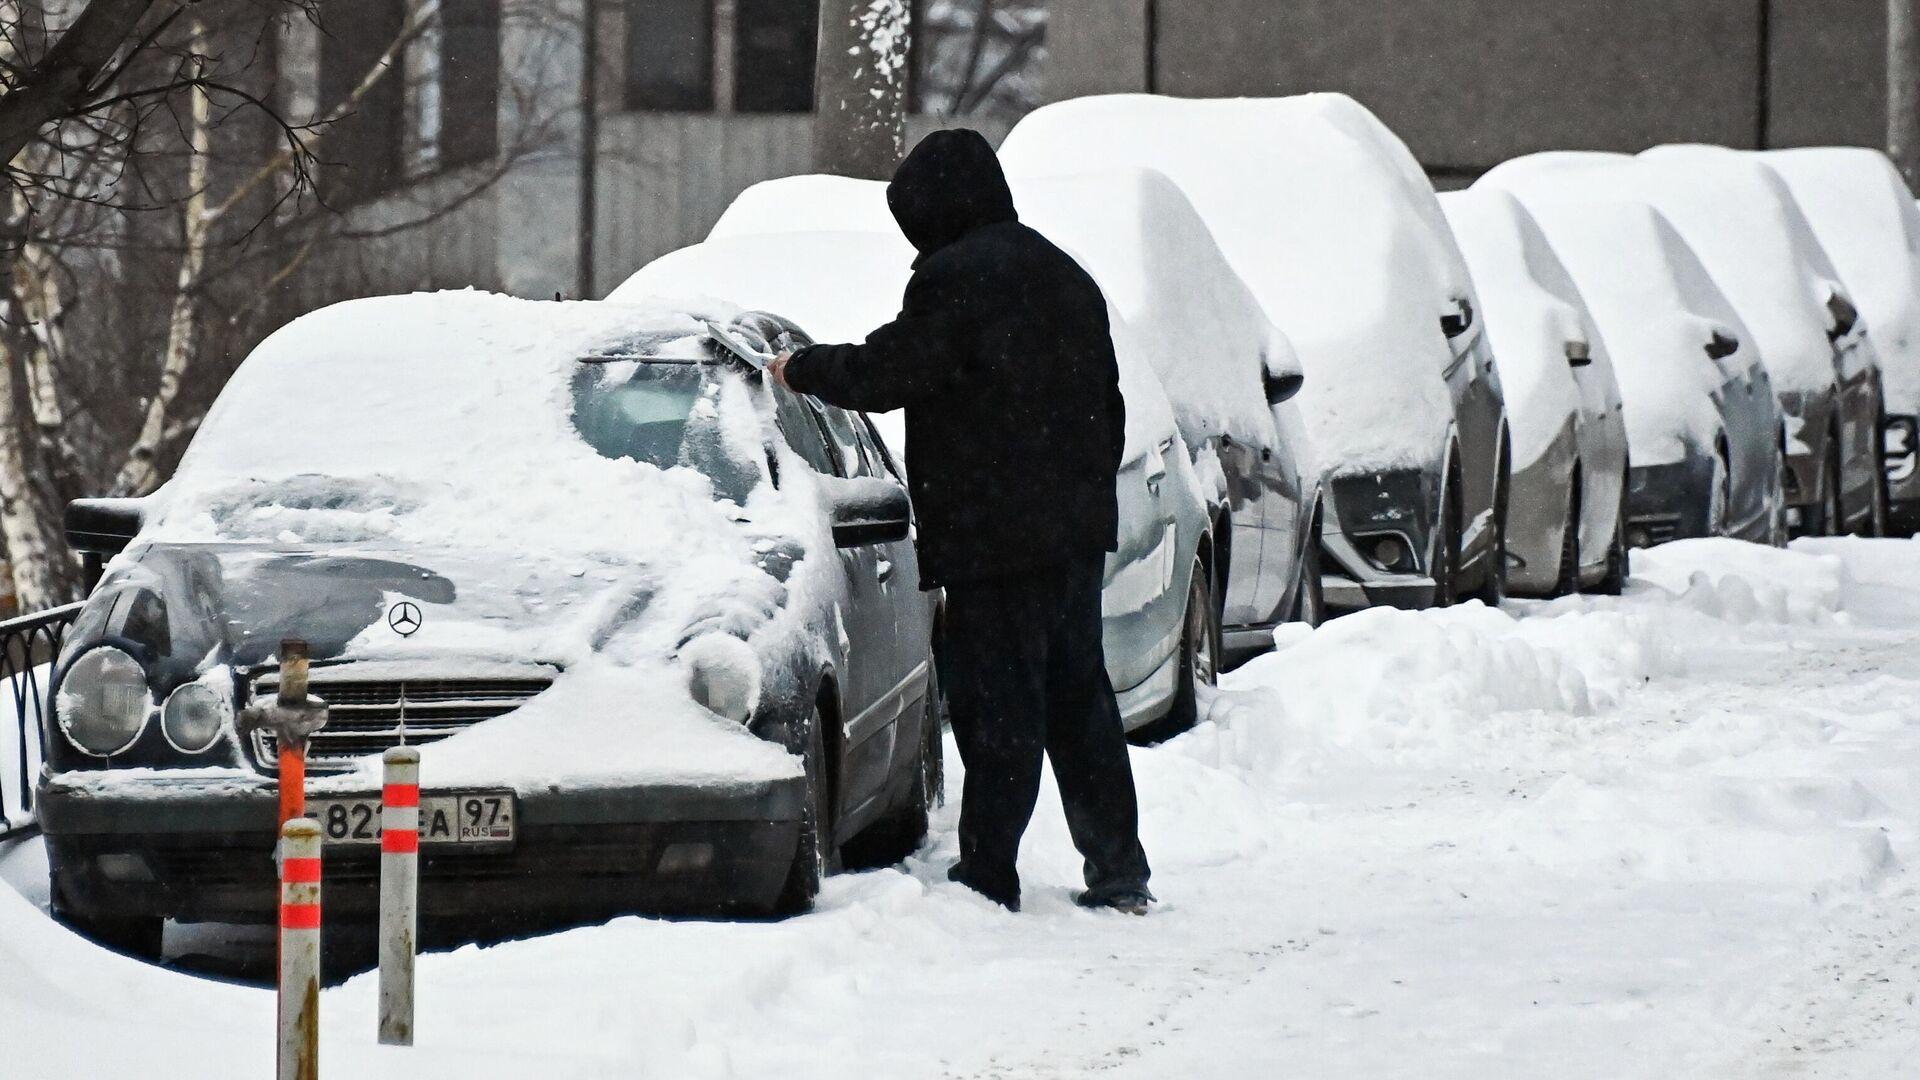 Мужчина очищает автомобиль от снега в Москве - РИА Новости, 1920, 18.01.2021